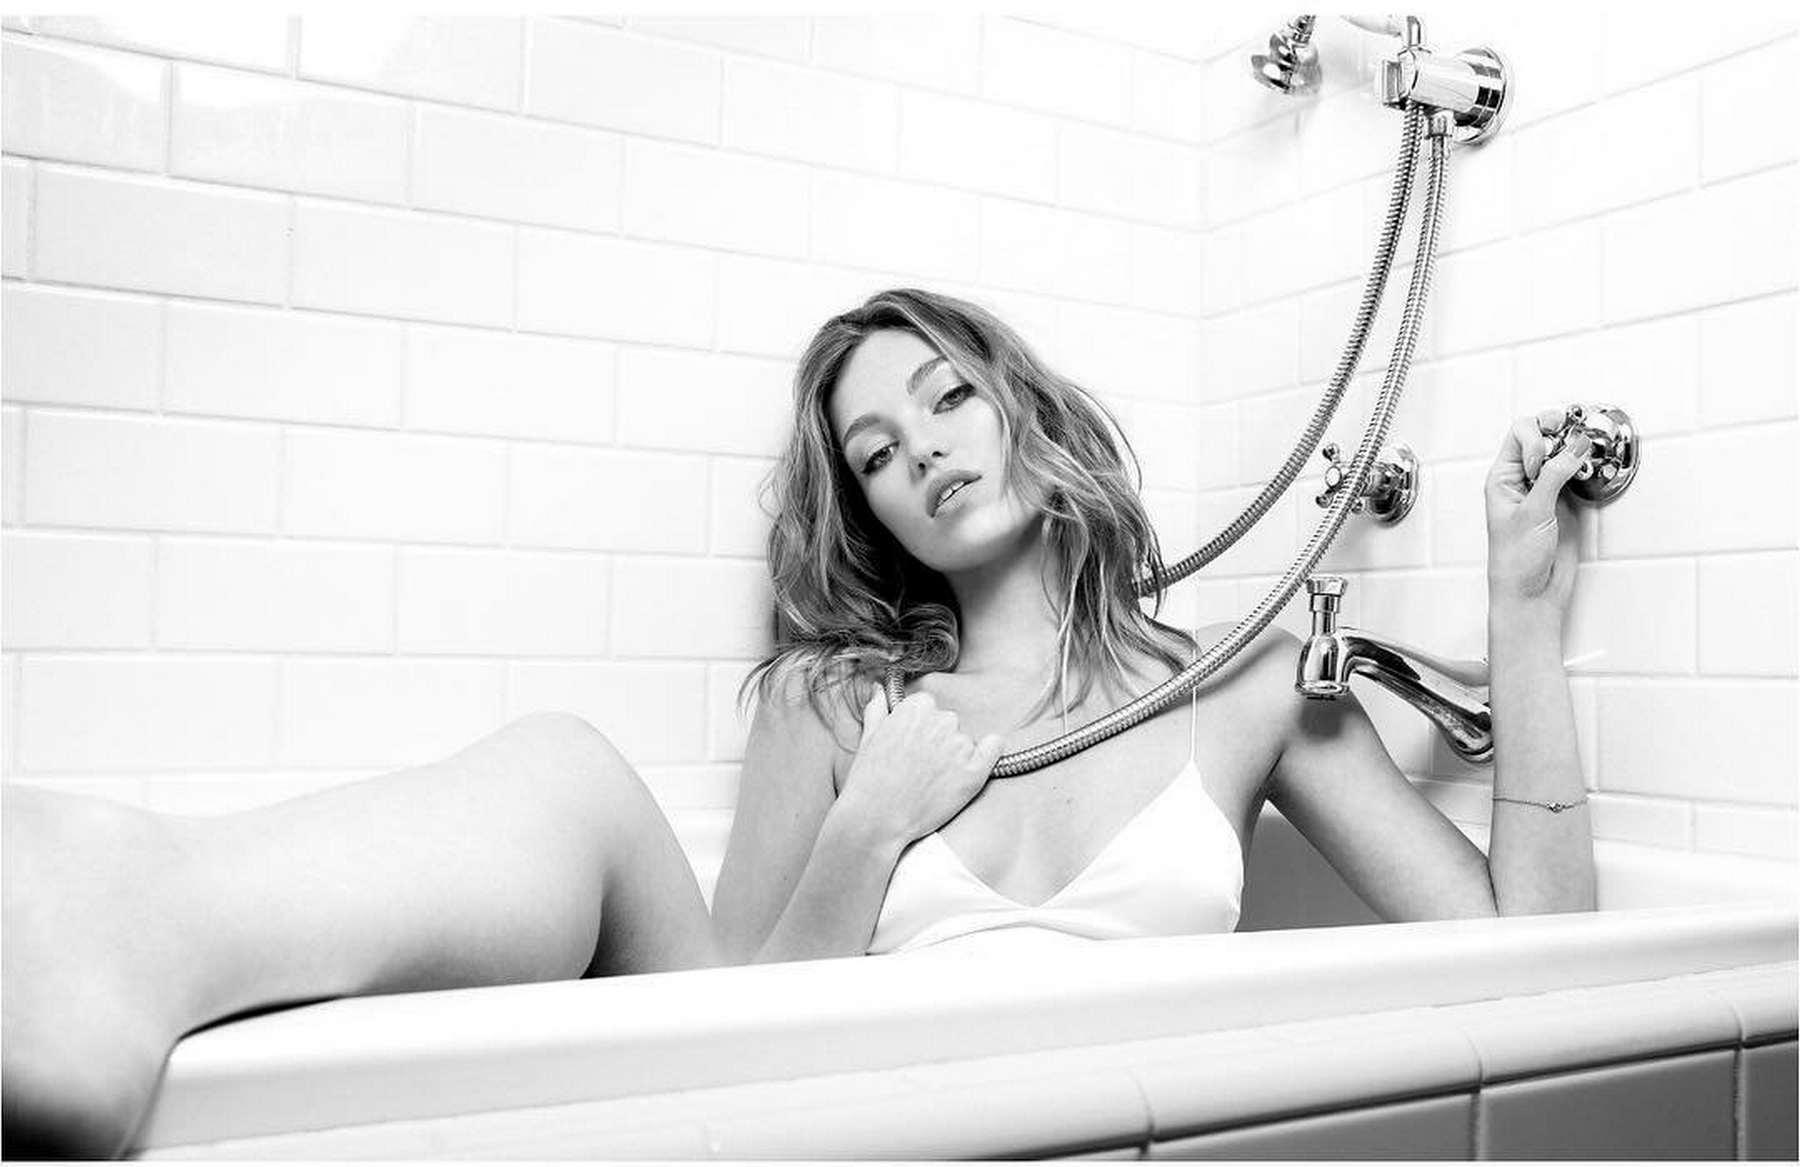 Lili-Simmons-–-Photoshoot-by-Tiziano-Lugli9.jpg